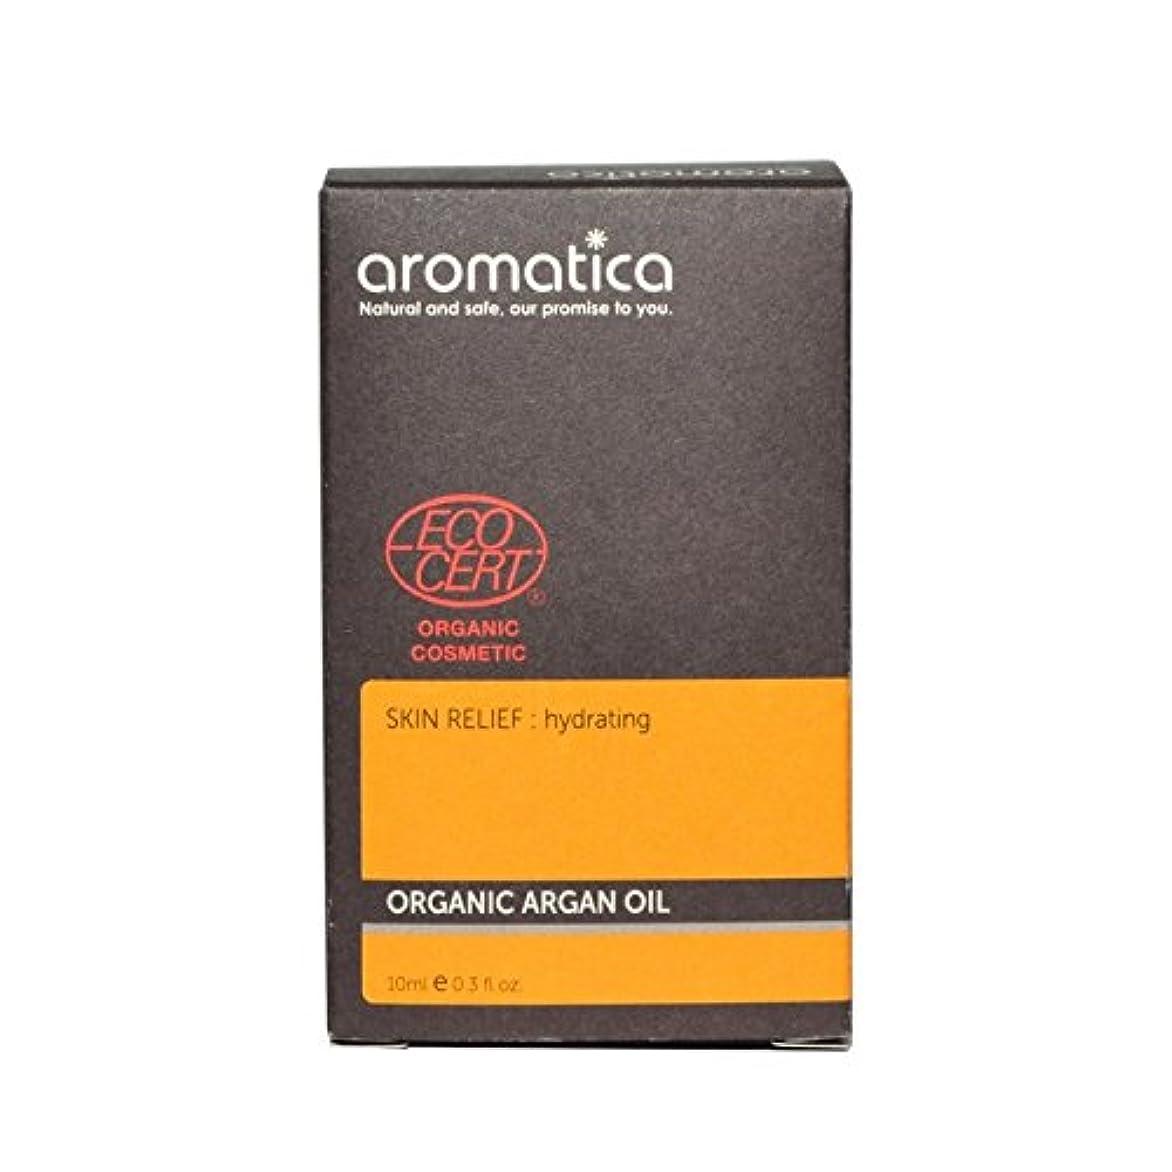 新着幽霊哲学者aromatica Organic Argan Oil 10ml (Pack of 6) - オーガニックアルガンオイル10ミリリットル x6 [並行輸入品]